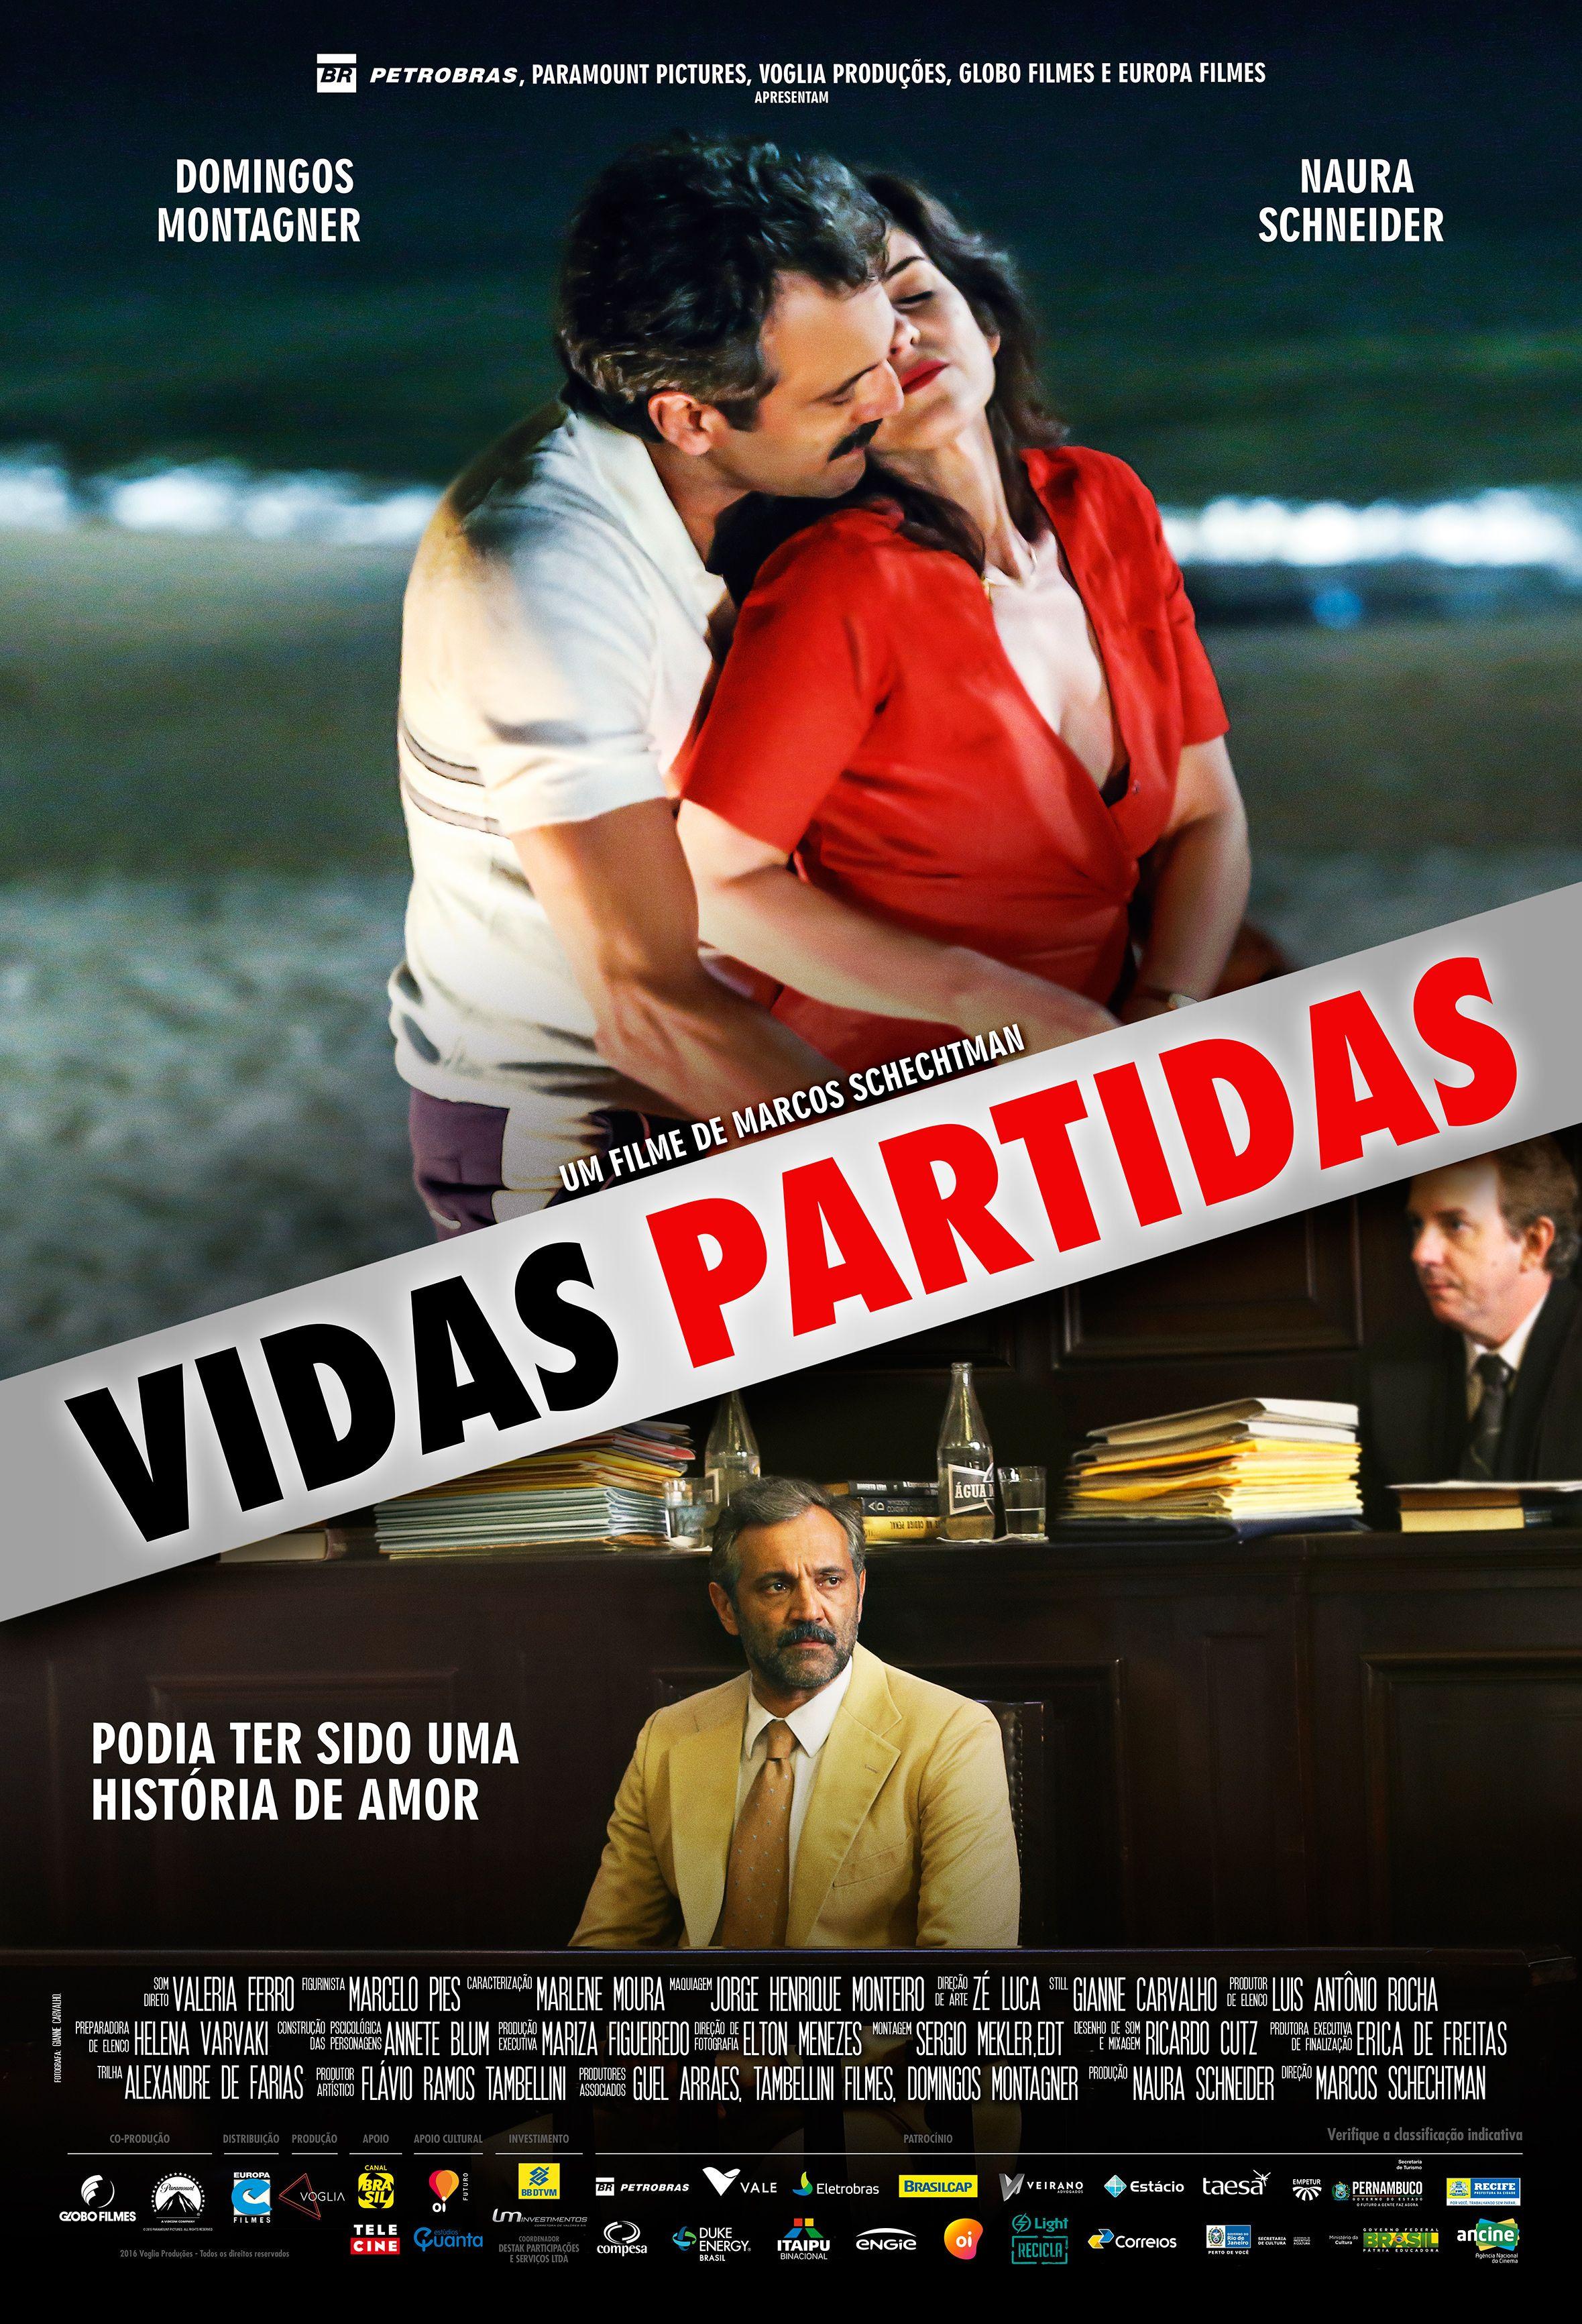 Vidas Partidas Vidas Partidas Filme Vida E Historia De Amor